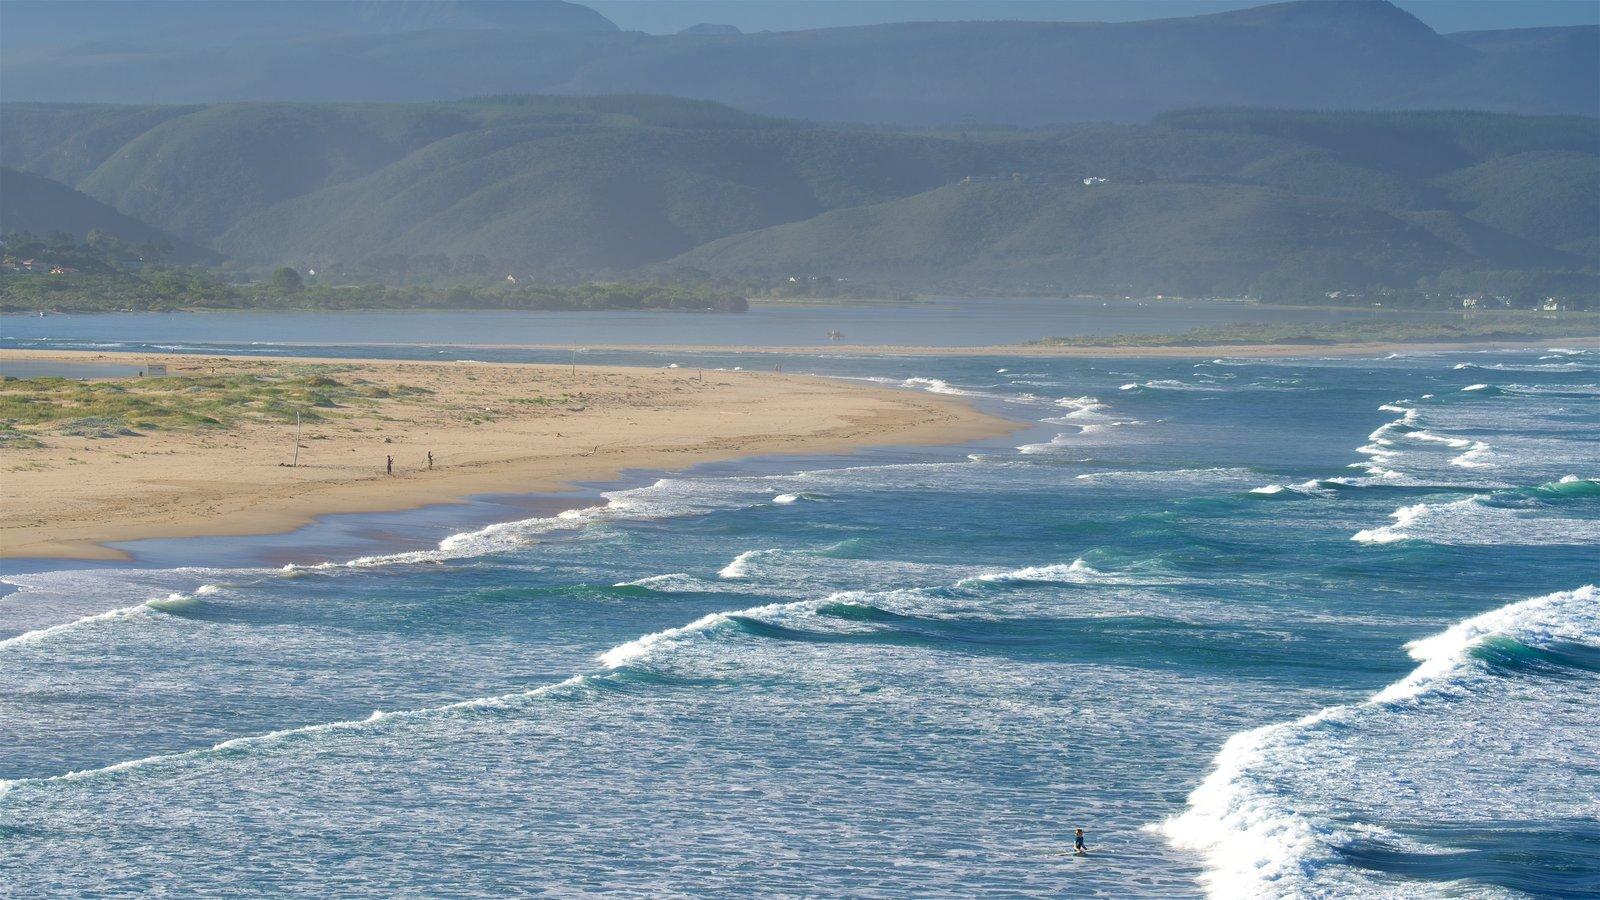 Plettenberg Bay ofreciendo una playa de arena, vistas generales de la costa y vistas de paisajes